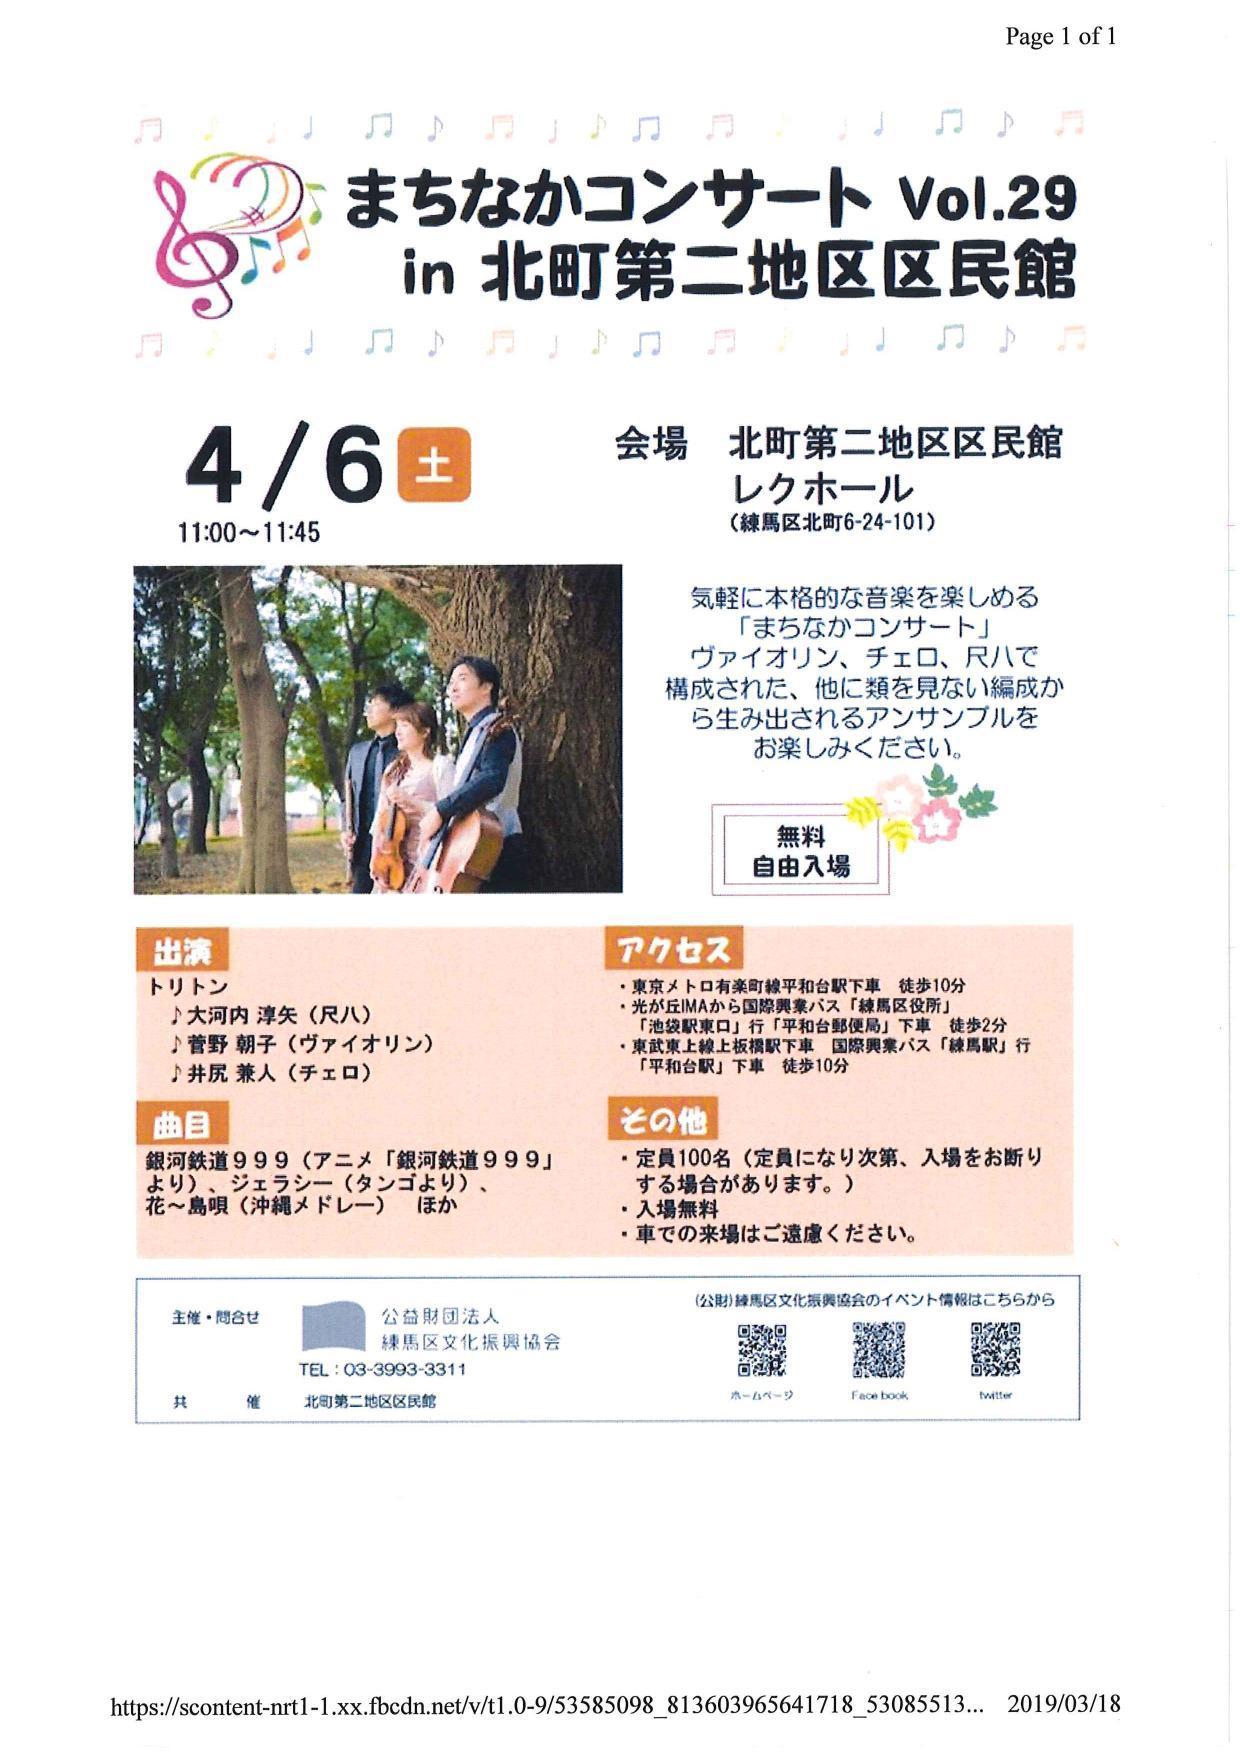 machinaka音樂會VOL.29 in北町第2地區區民館